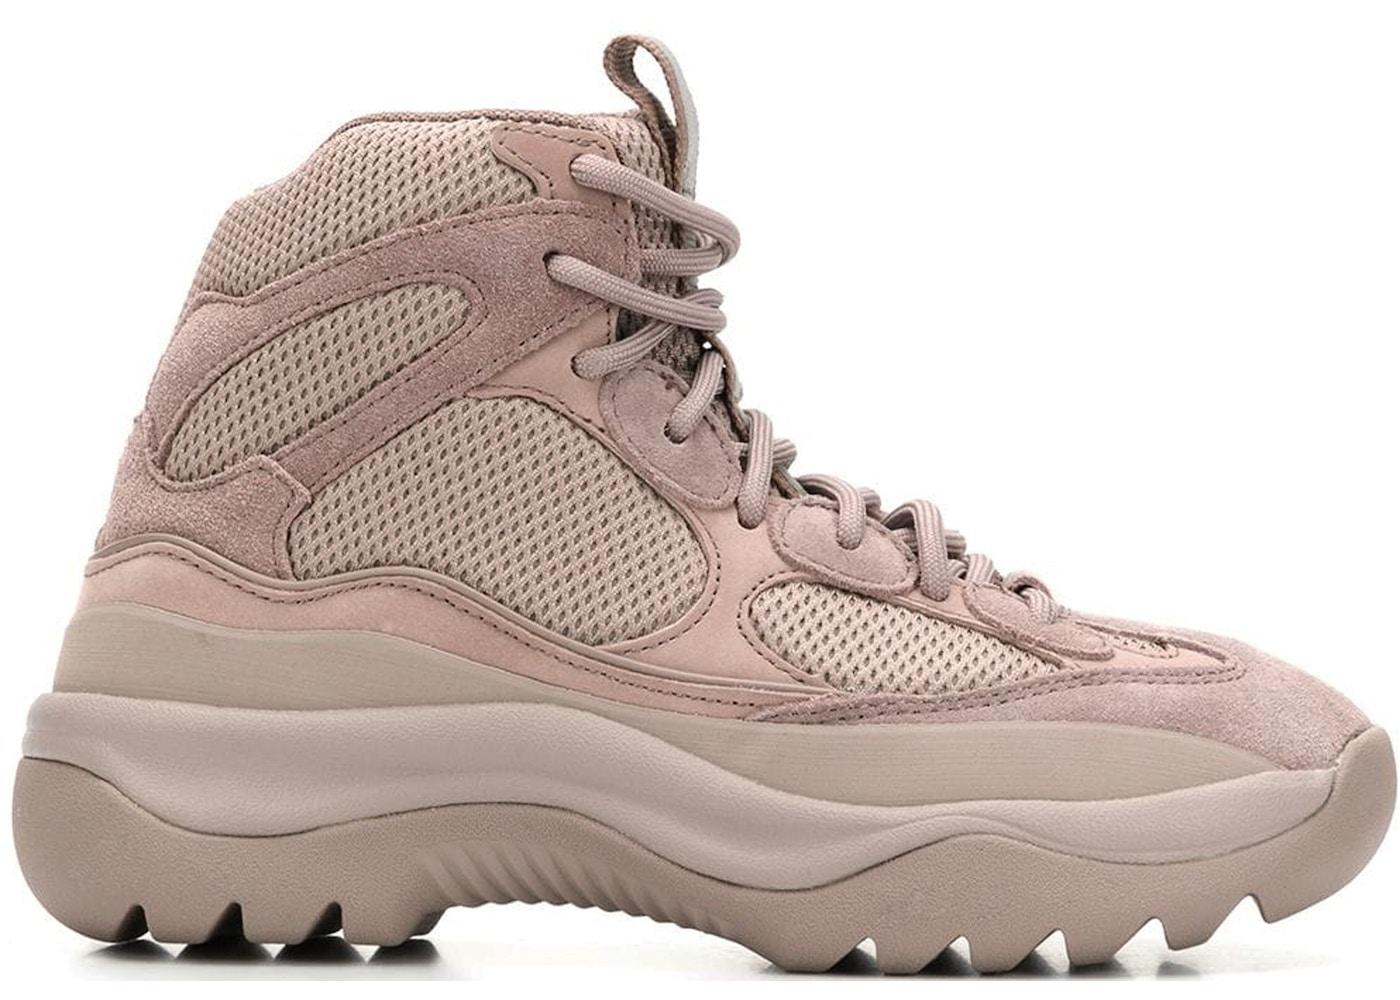 7e4394a52a856 Yeezy Desert Boot Season 7 Cinder - YZ7MF7003212